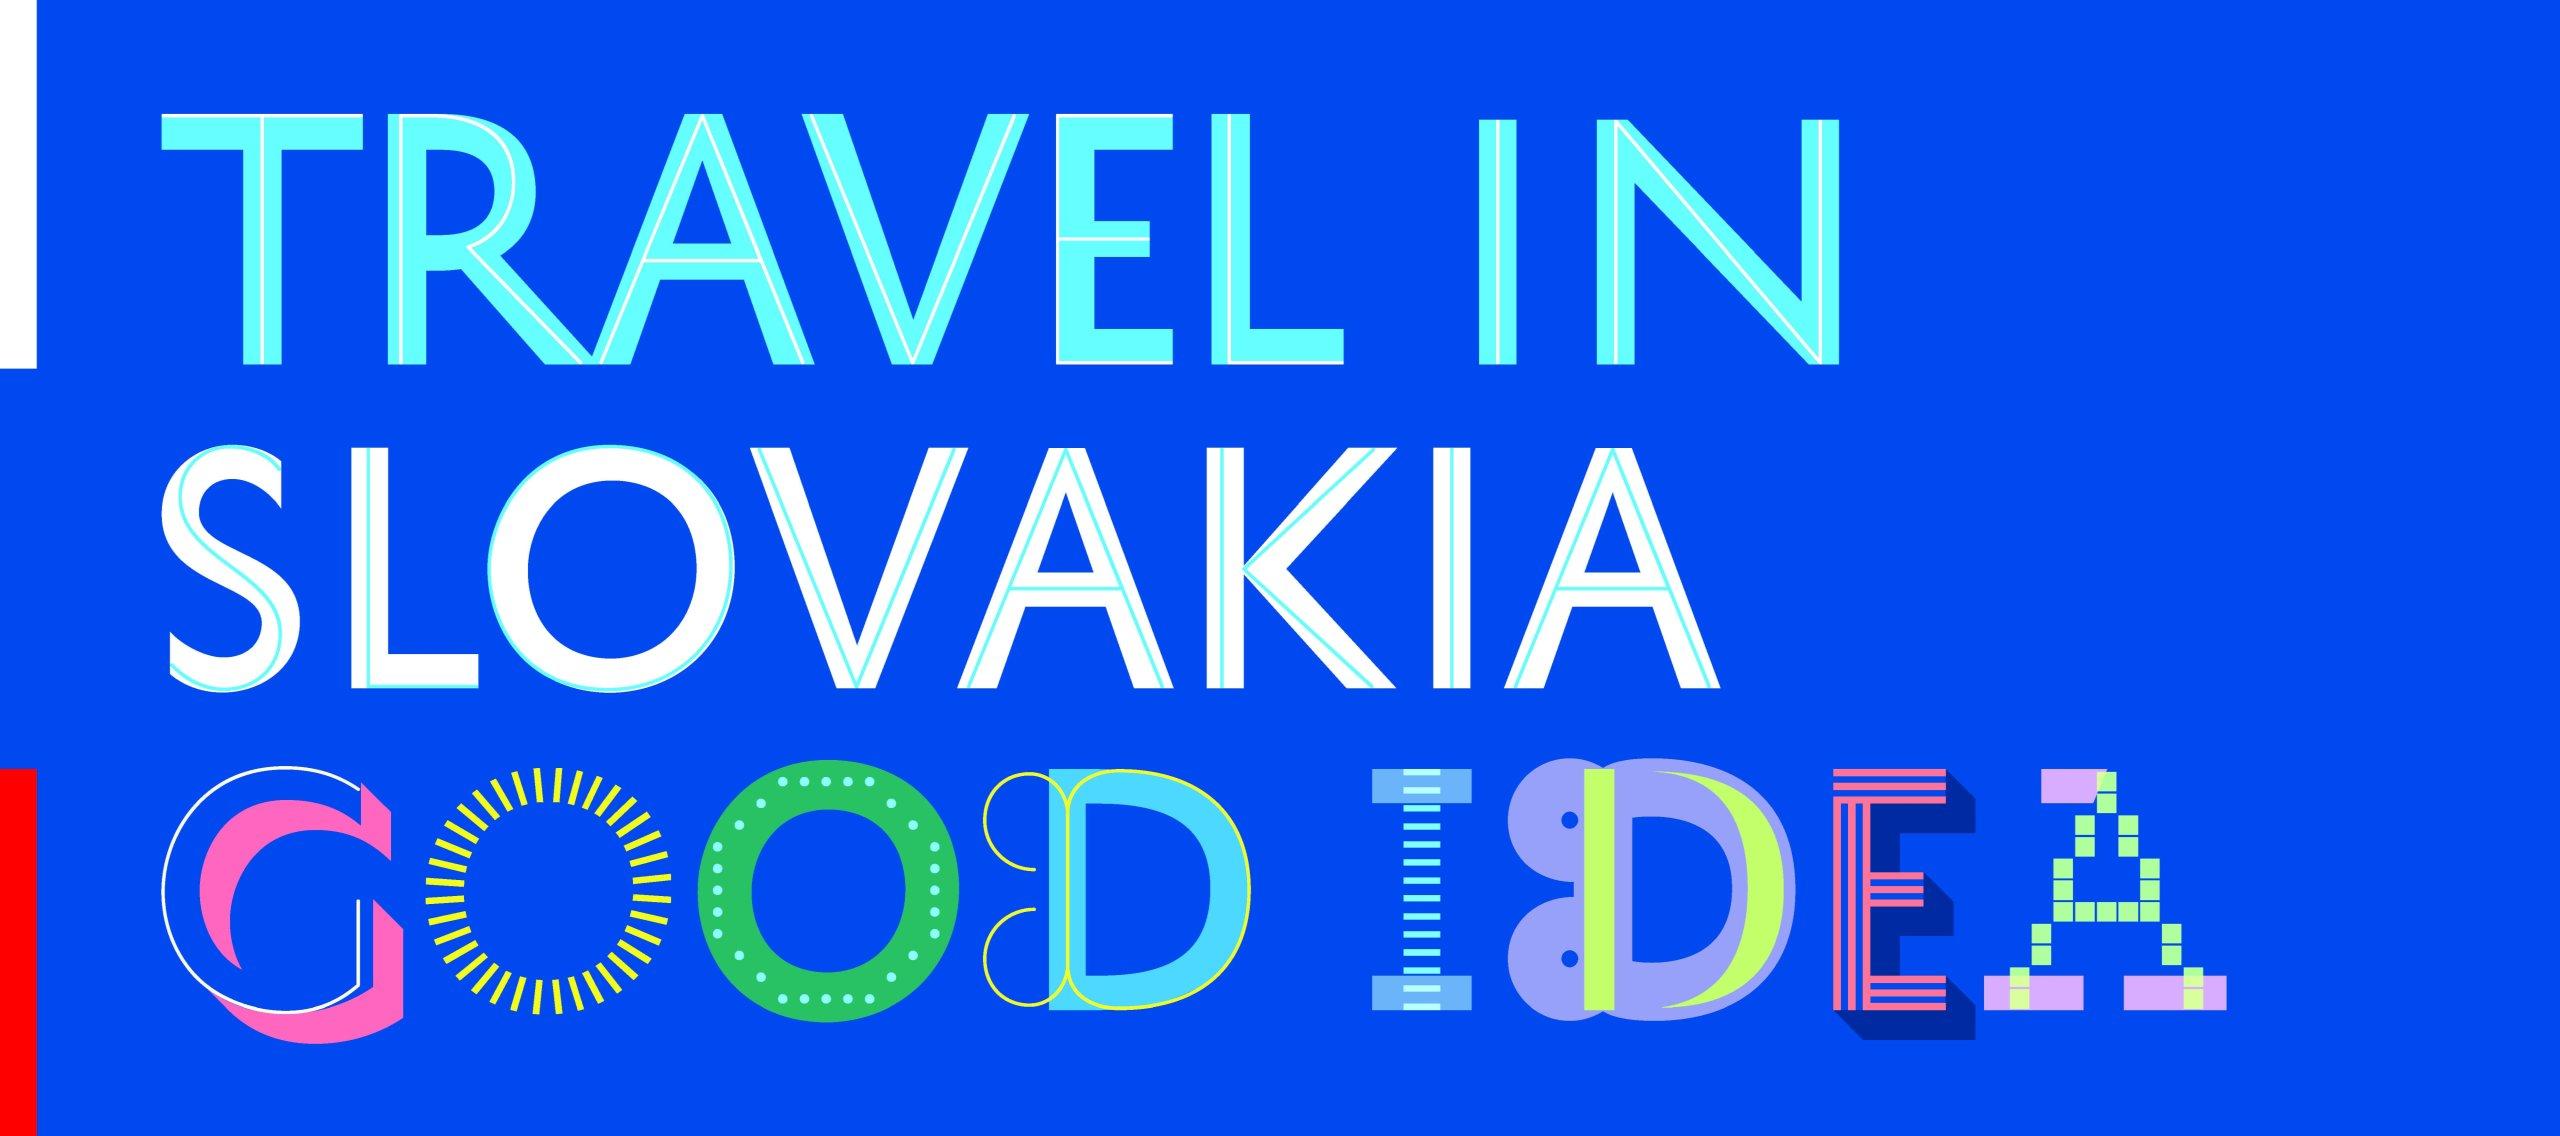 Travel in Slovakia